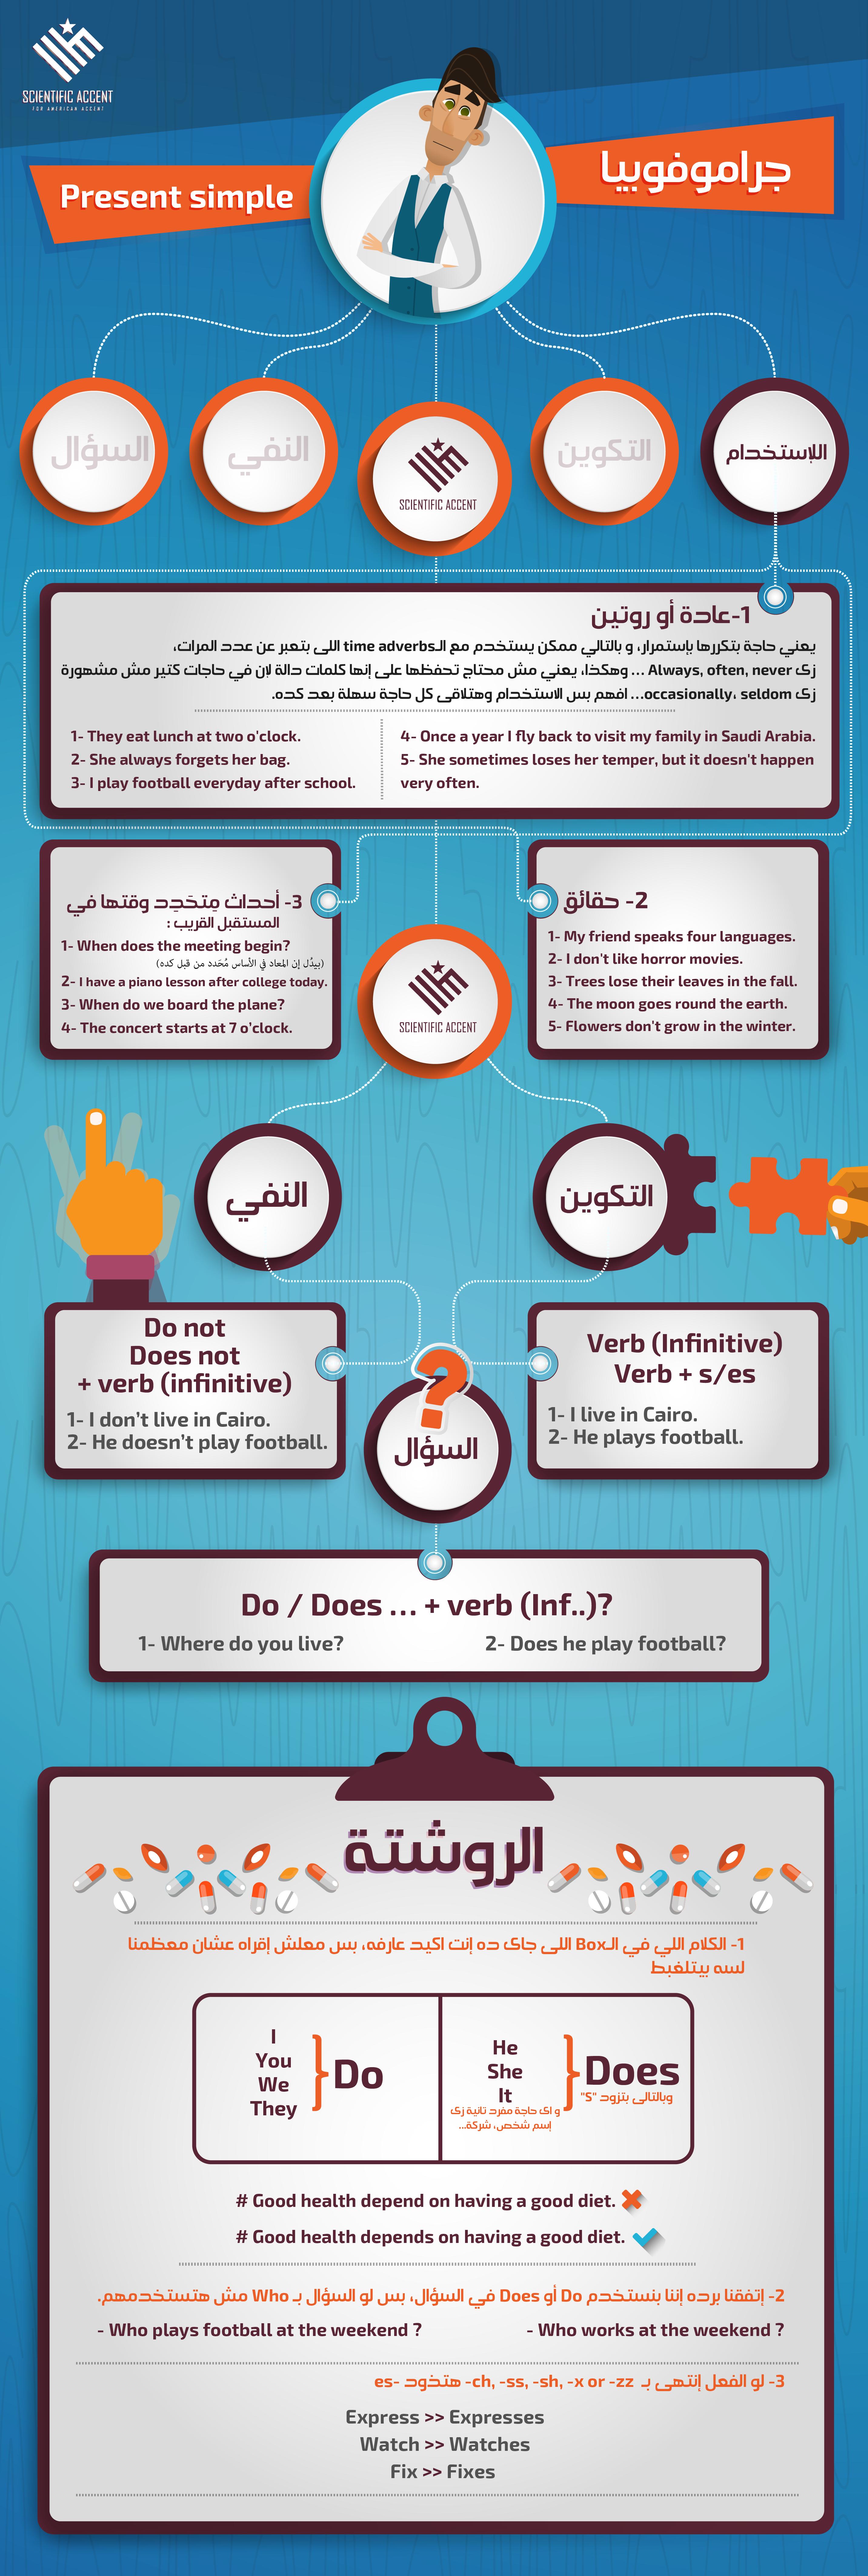 Present Simple شرح زمن المضارع البسيط English Grammar Tenses Tenses Grammar Simple